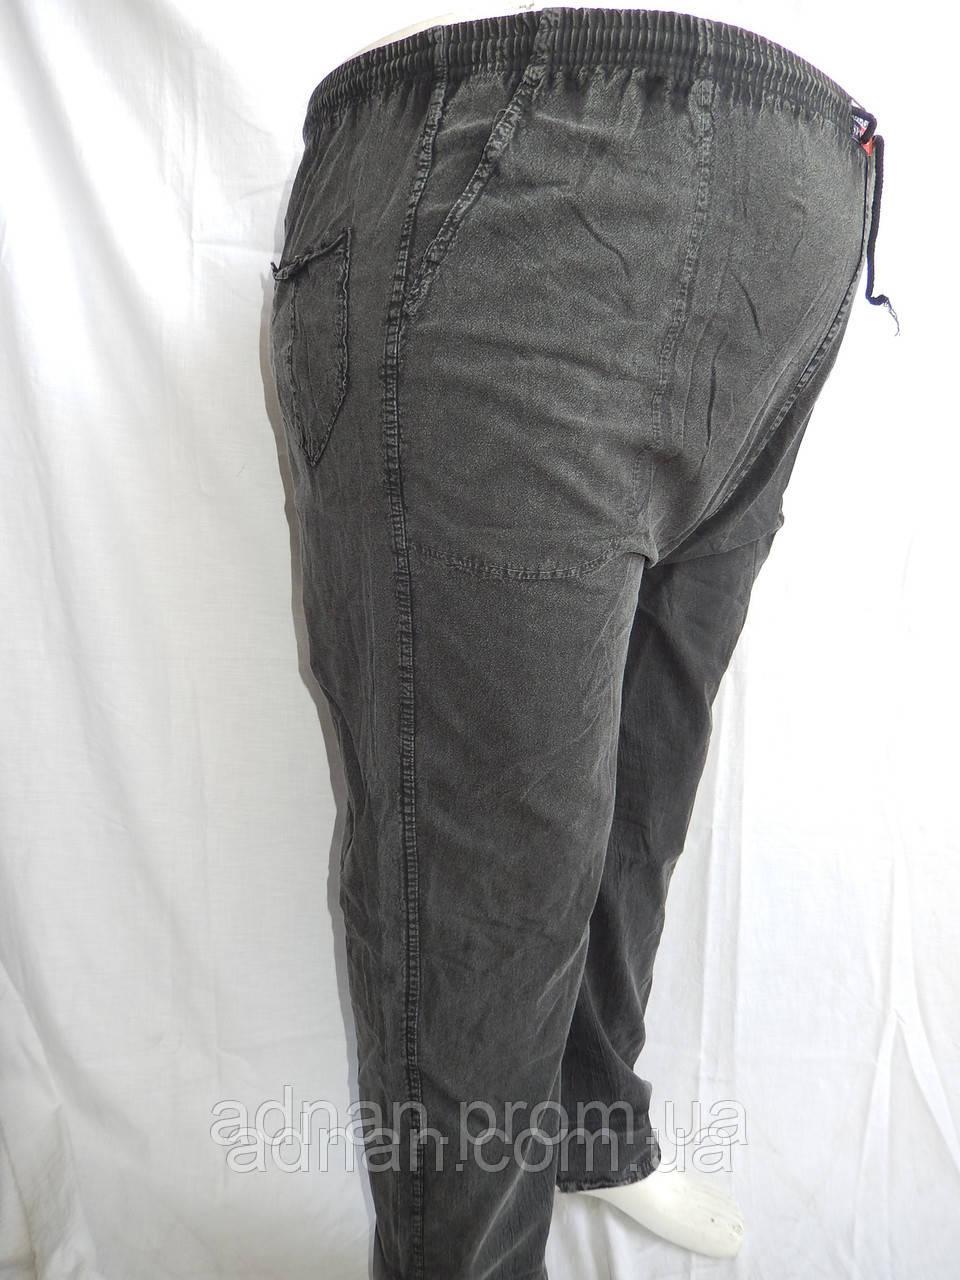 Брюки варенка супер  батал  купить брюки 001